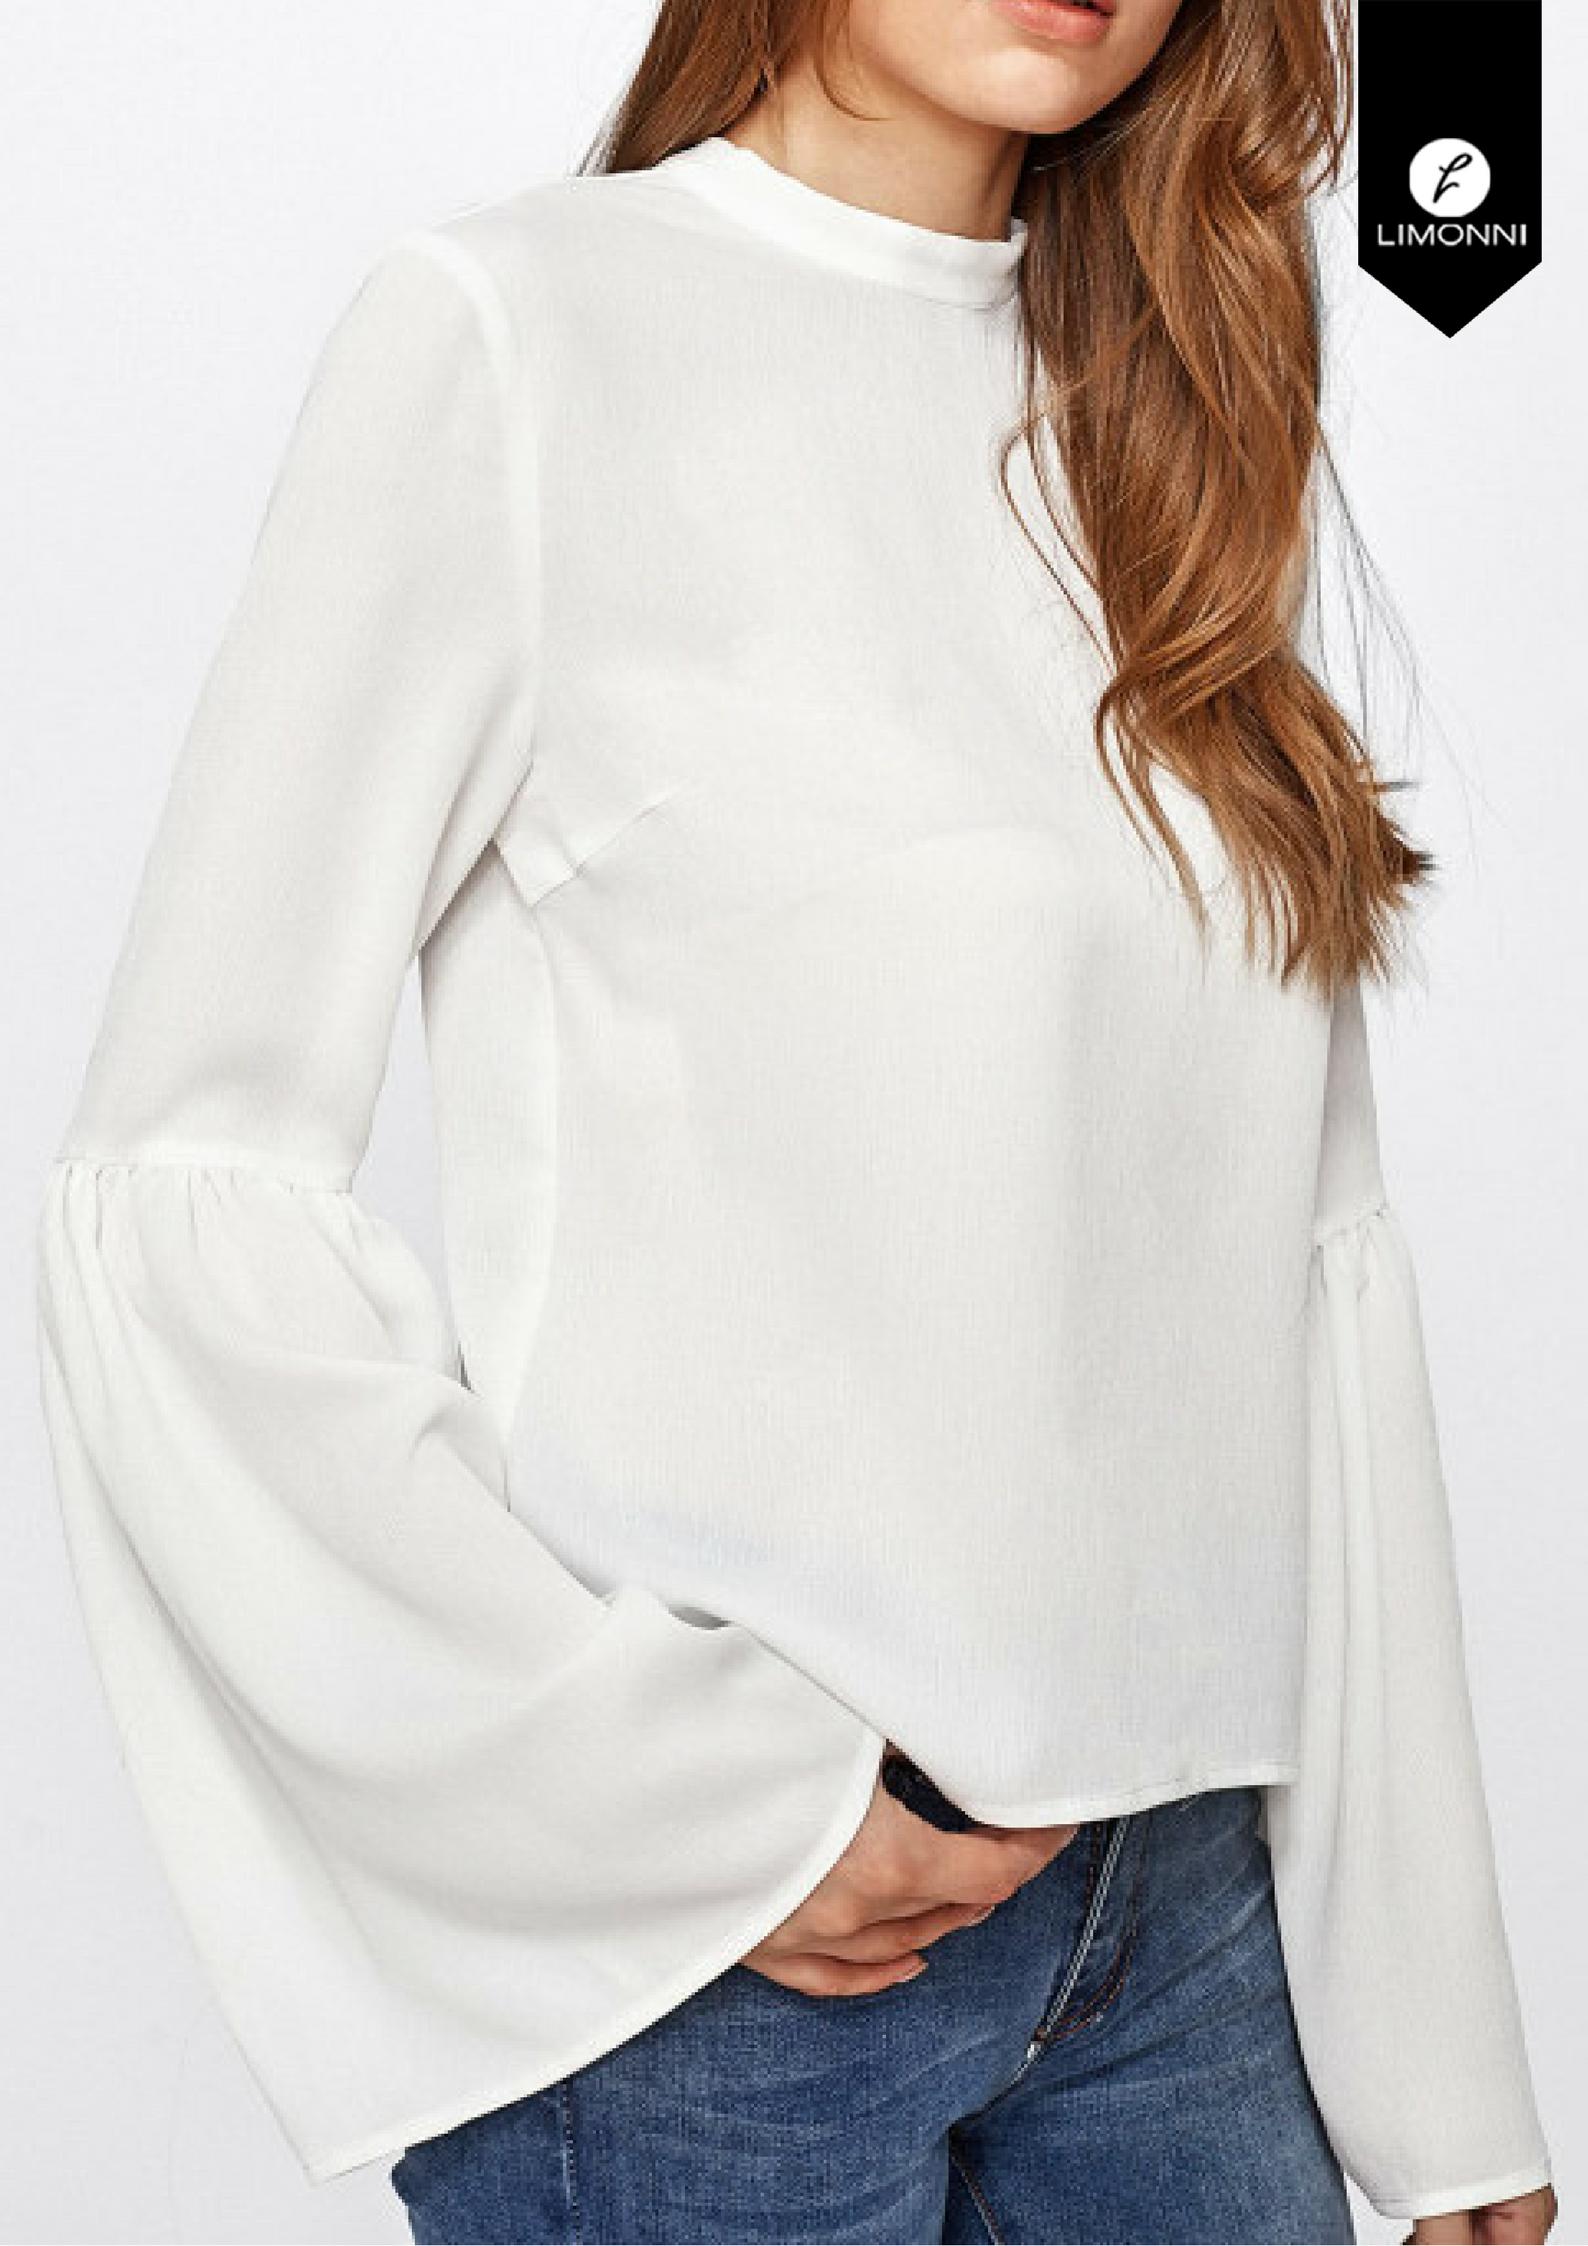 Blusas para mujer Limonni Novalee LI1478 Casuales